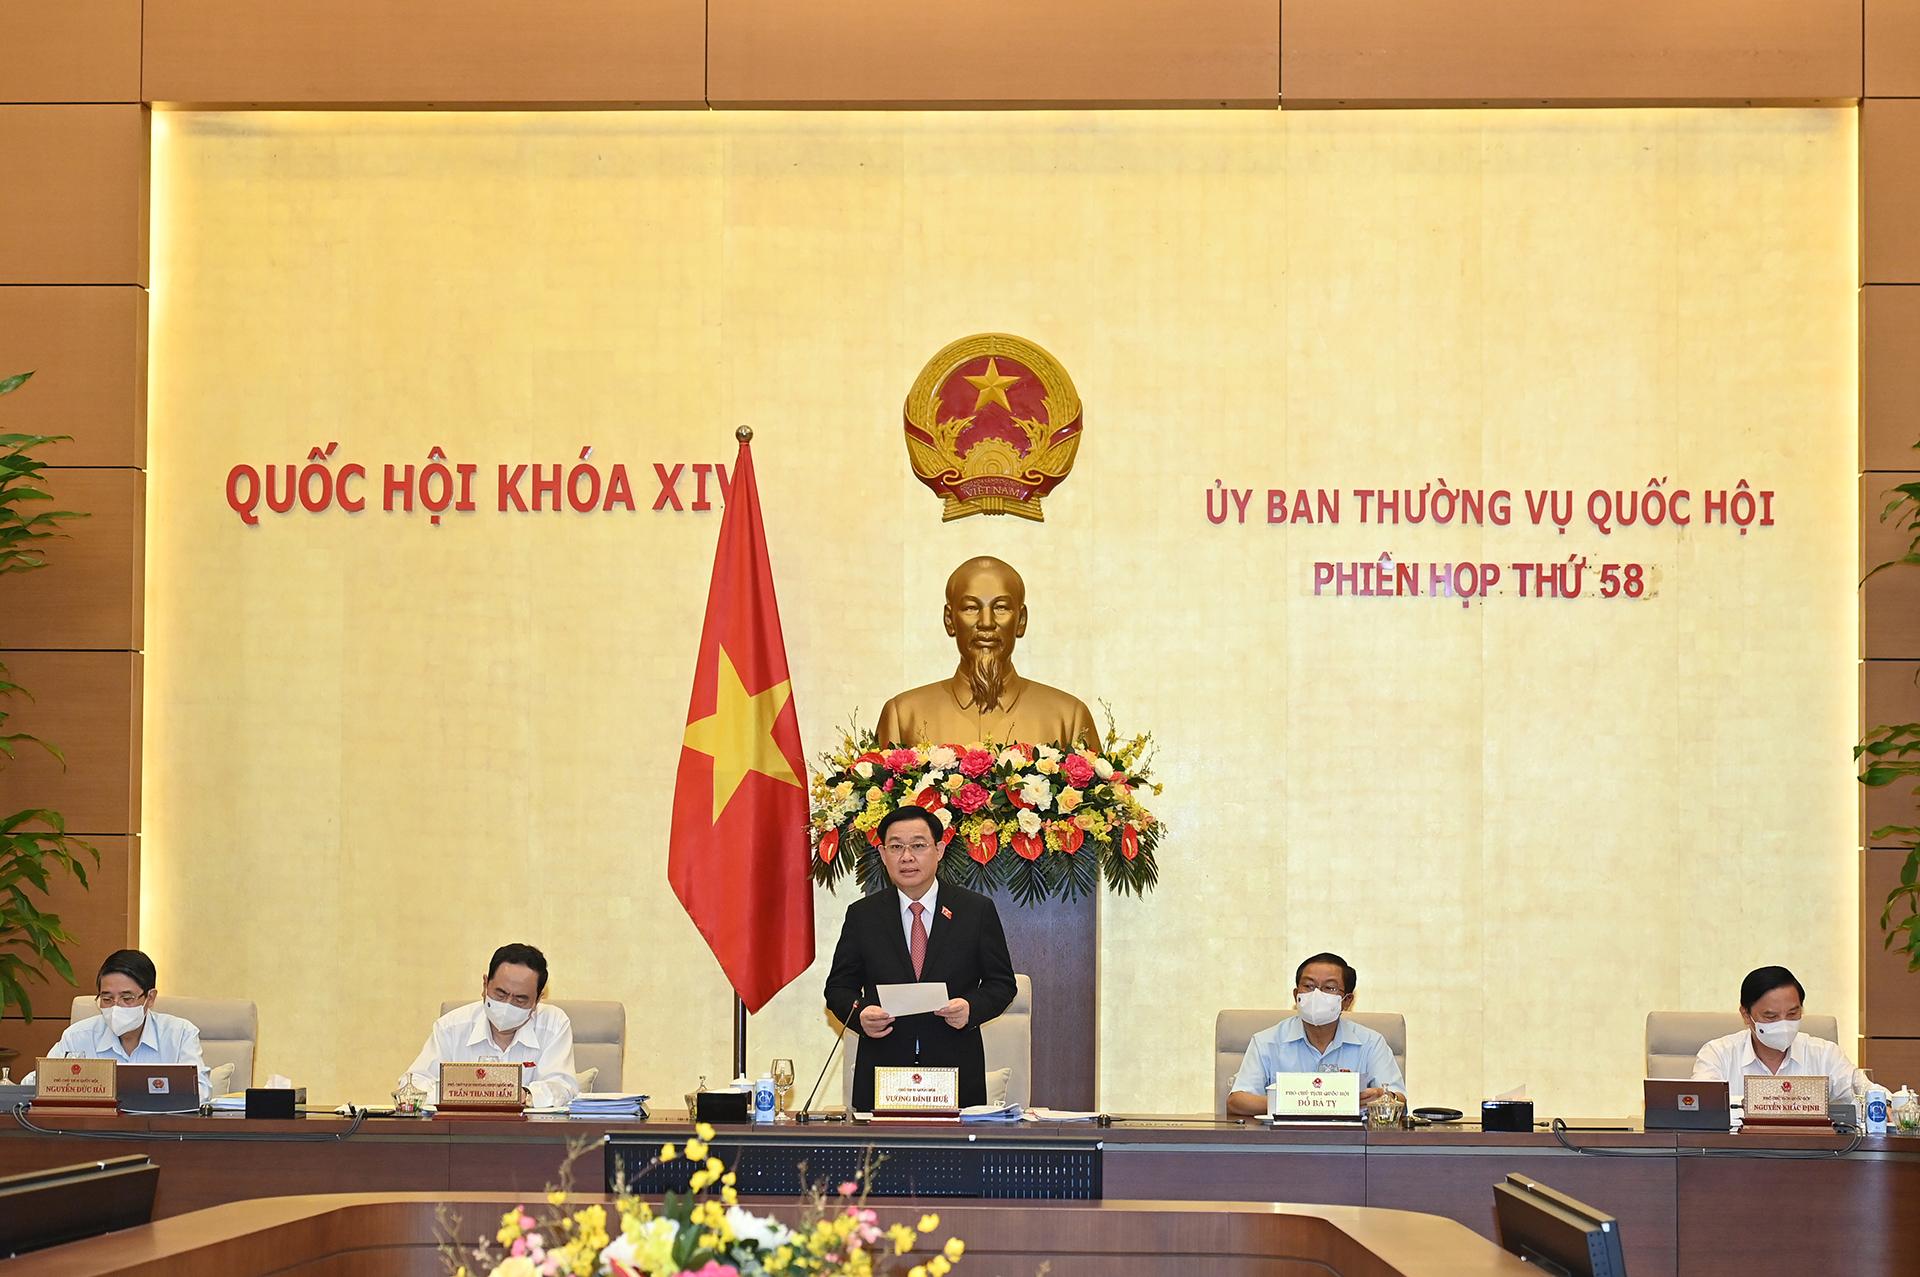 Vận dụng tư tưởng Hồ Chí Minh trong hoạt động lập pháp*